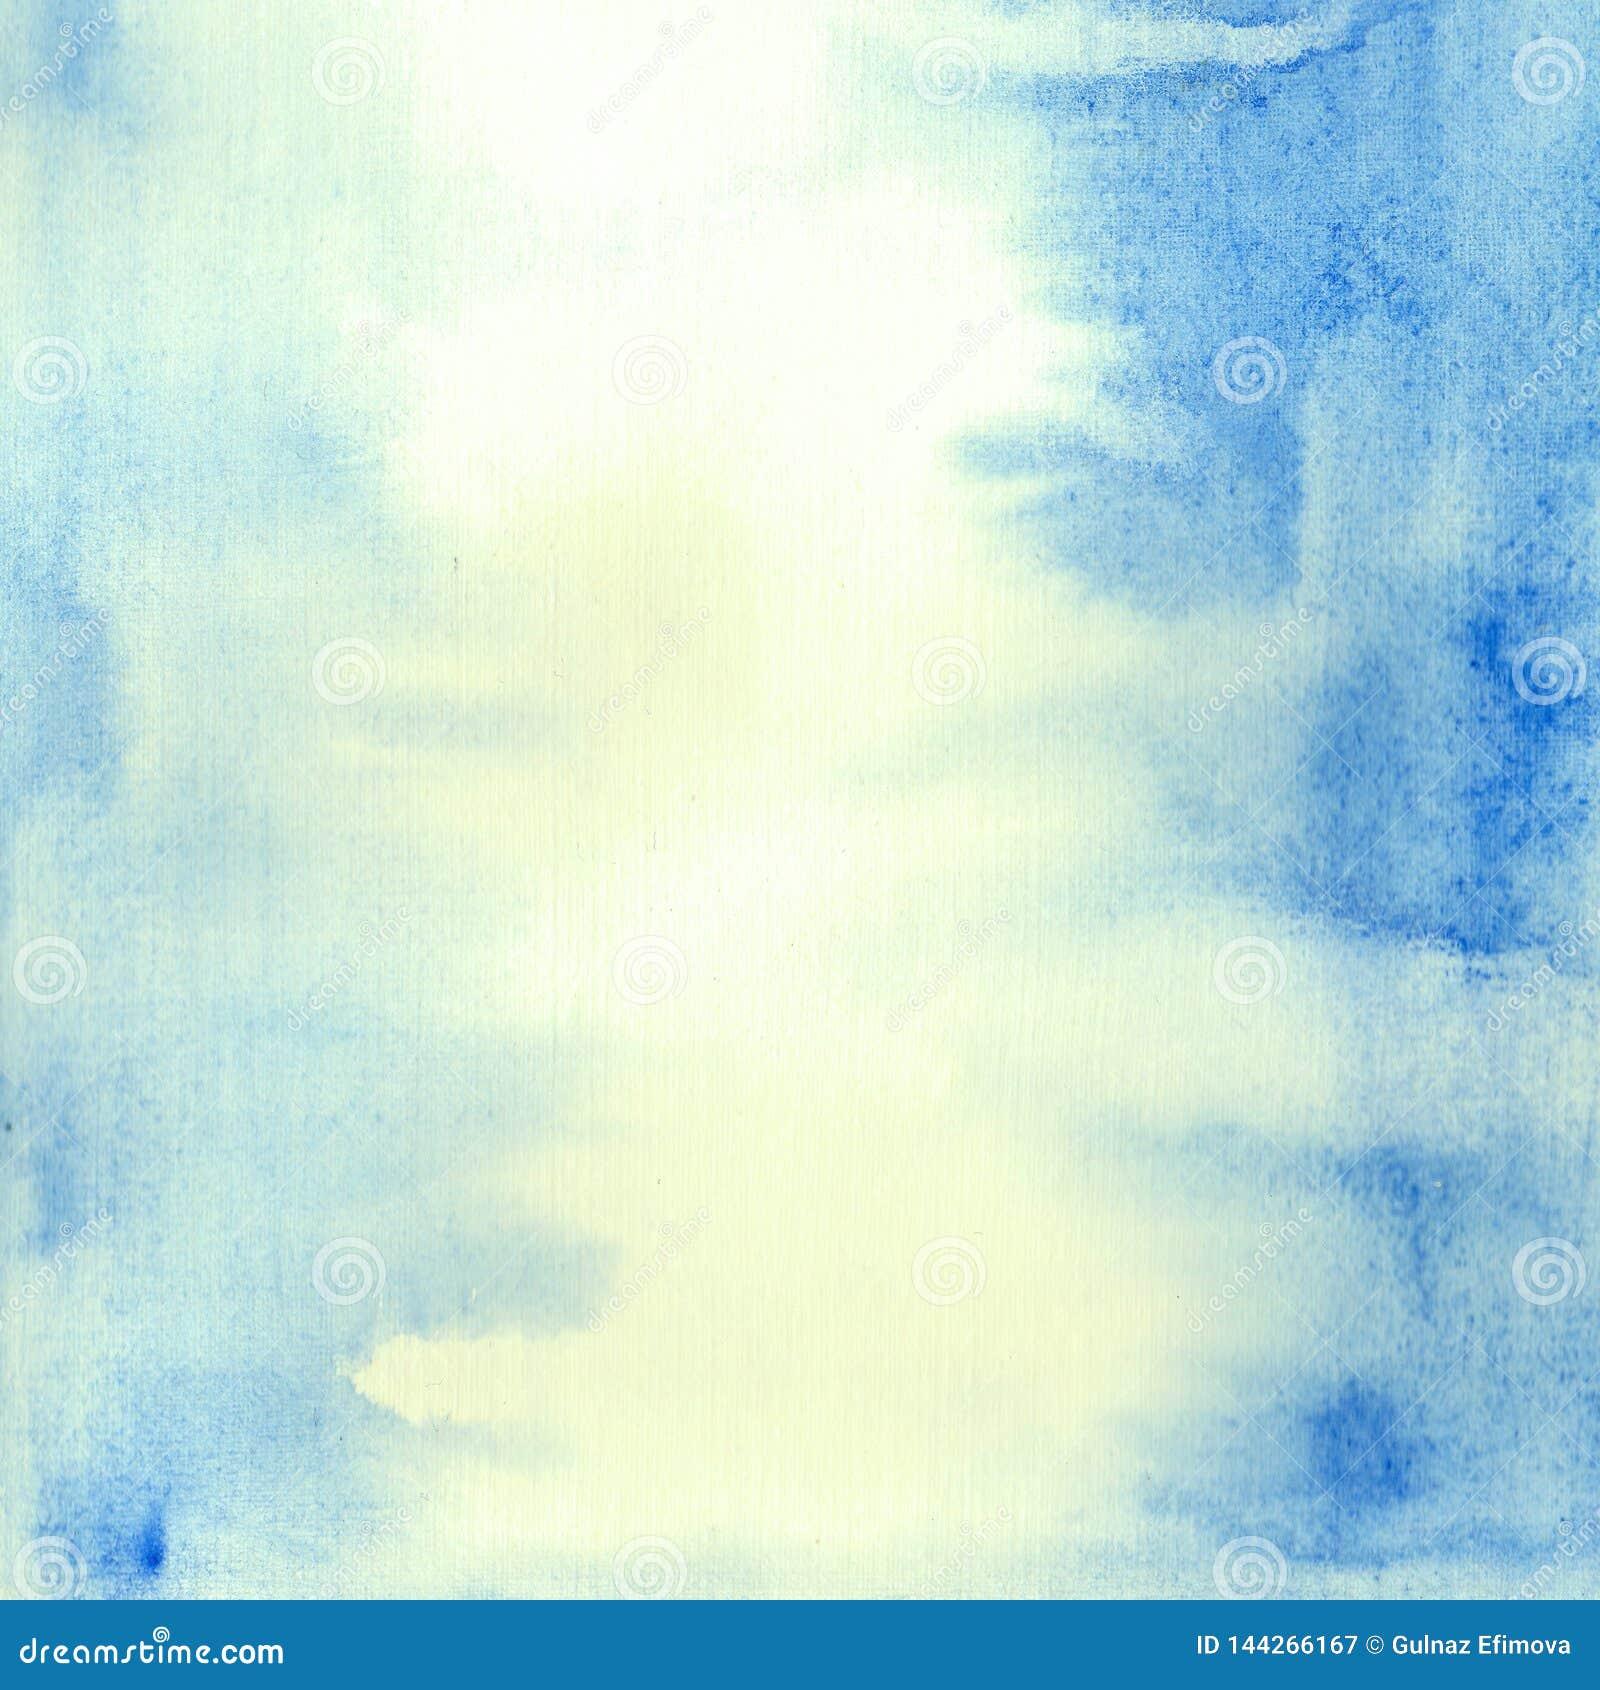 手画аbstract蓝色水彩背景